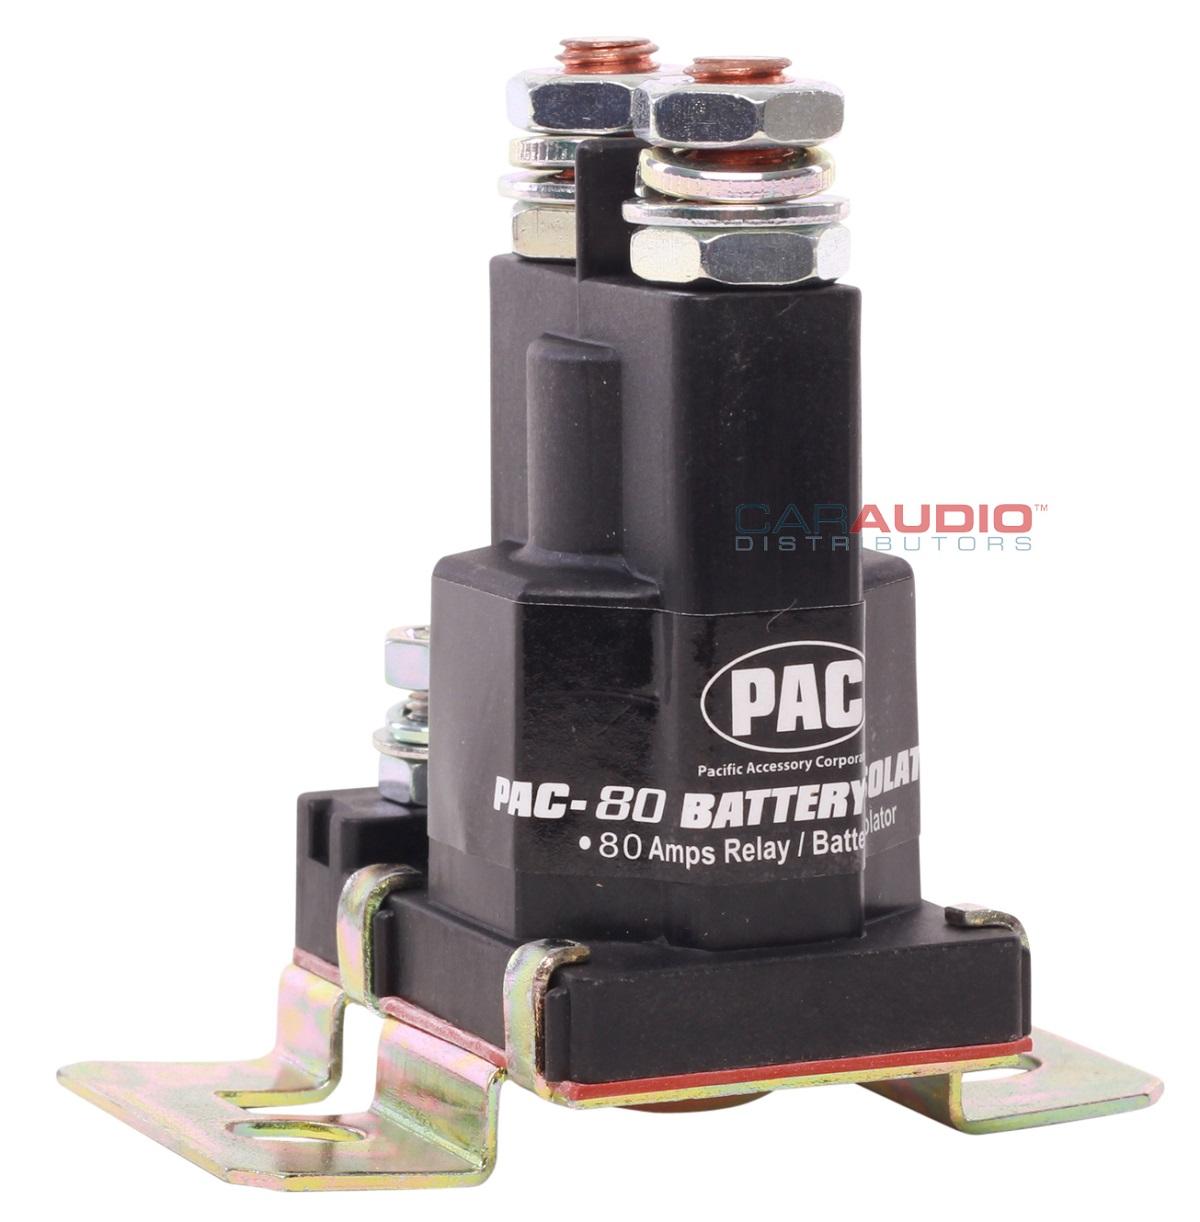 new pac pac-80 80 amp relay / battery isolator | ebay pac 80 isolator wiring diagram #1